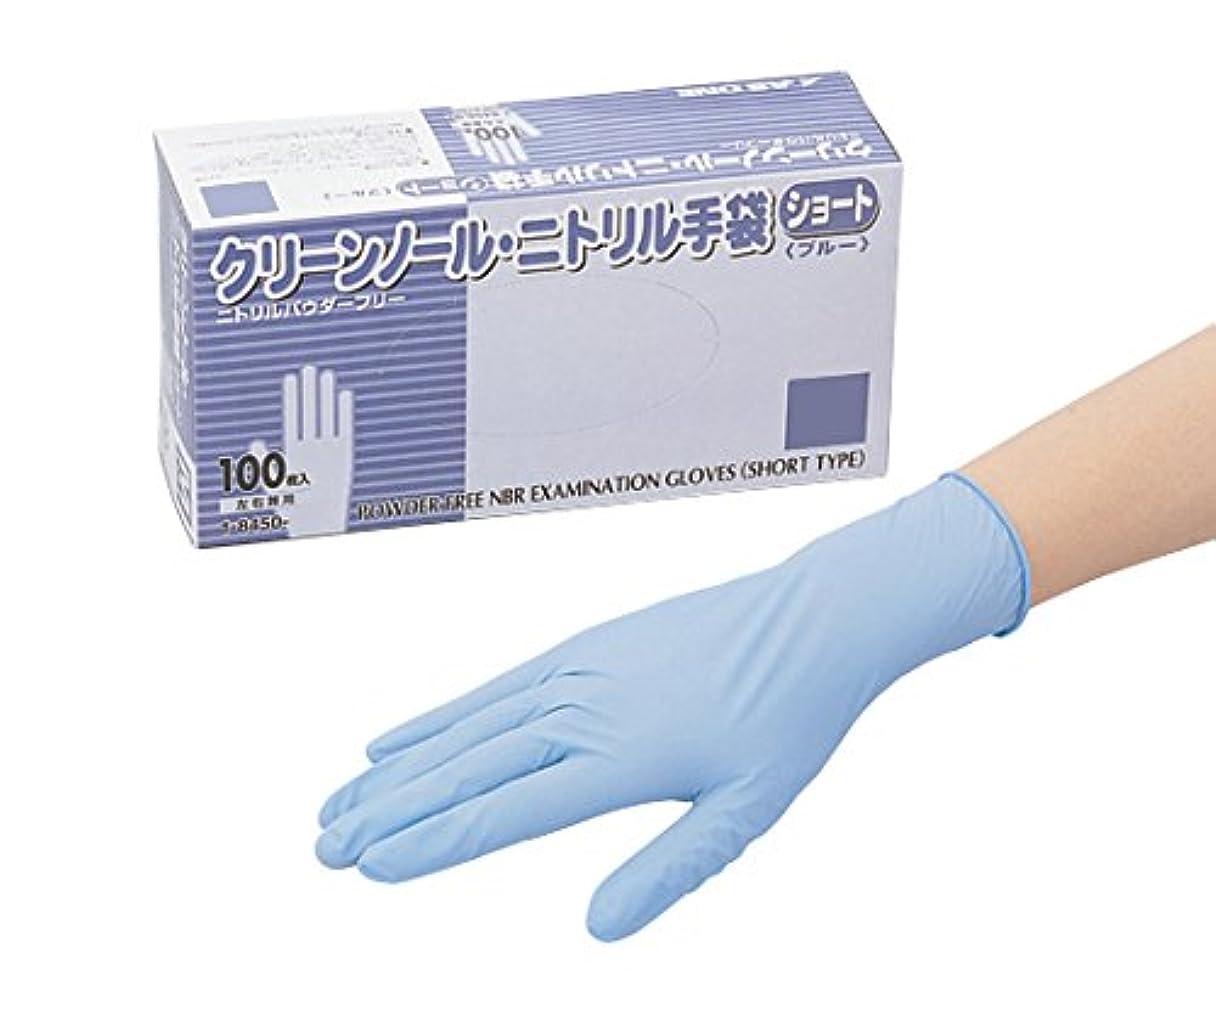 堀きちんとした状況アズワン1-8450-21クリーンノールニトリル手袋ショート(パウダーフリ-)ブルーL100枚入